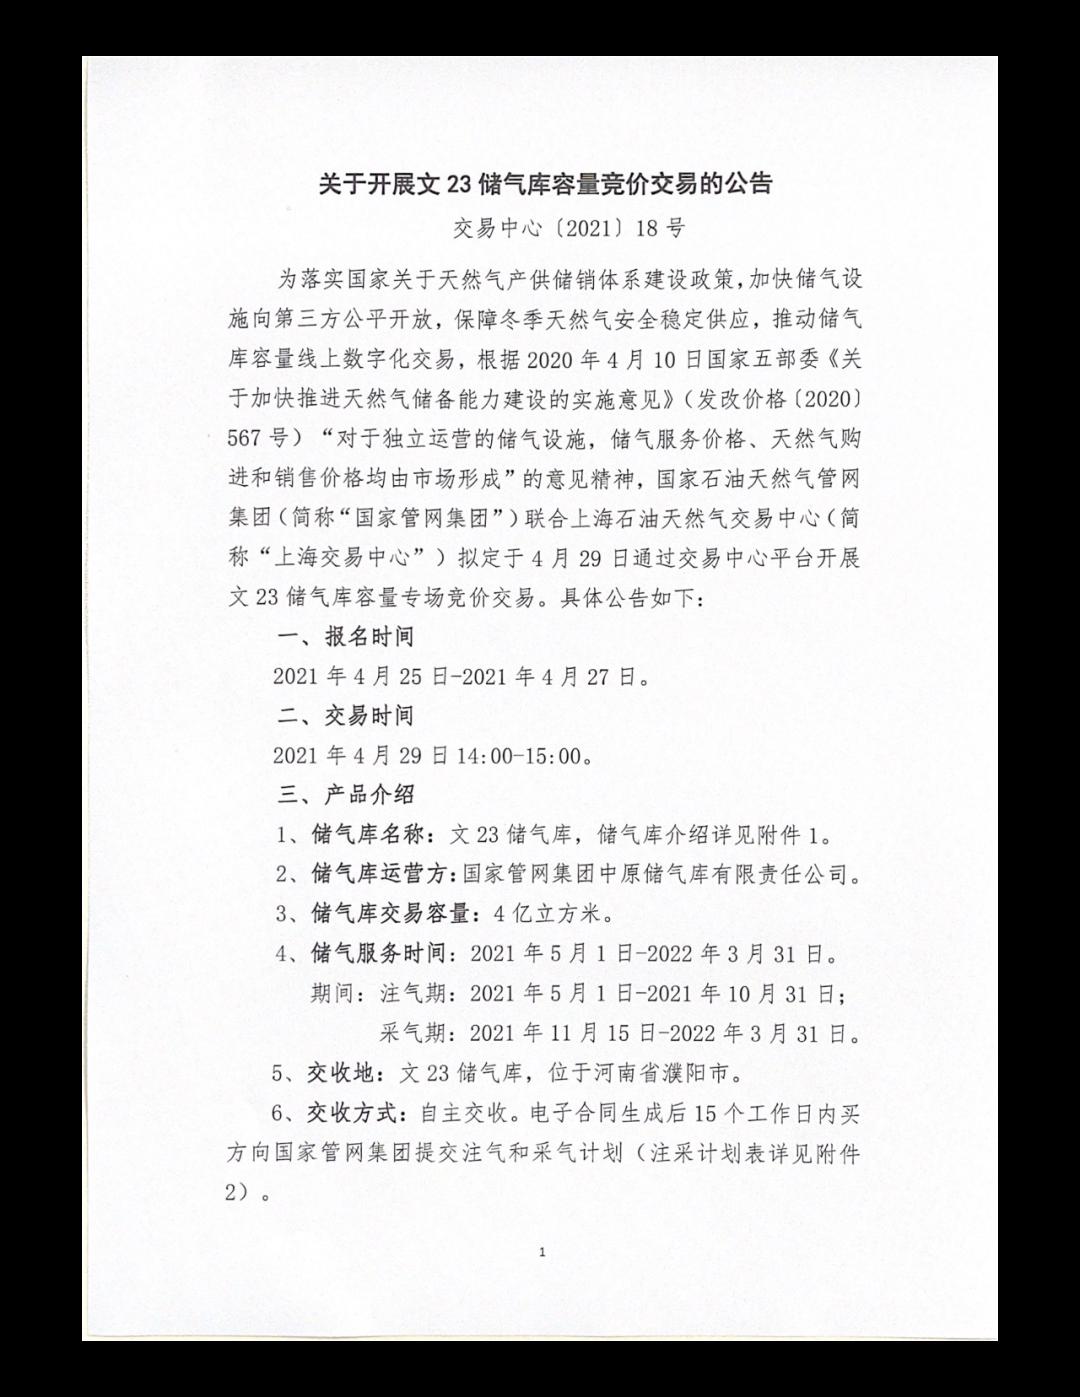 关于开展文23储气库容量竞价交易的公告